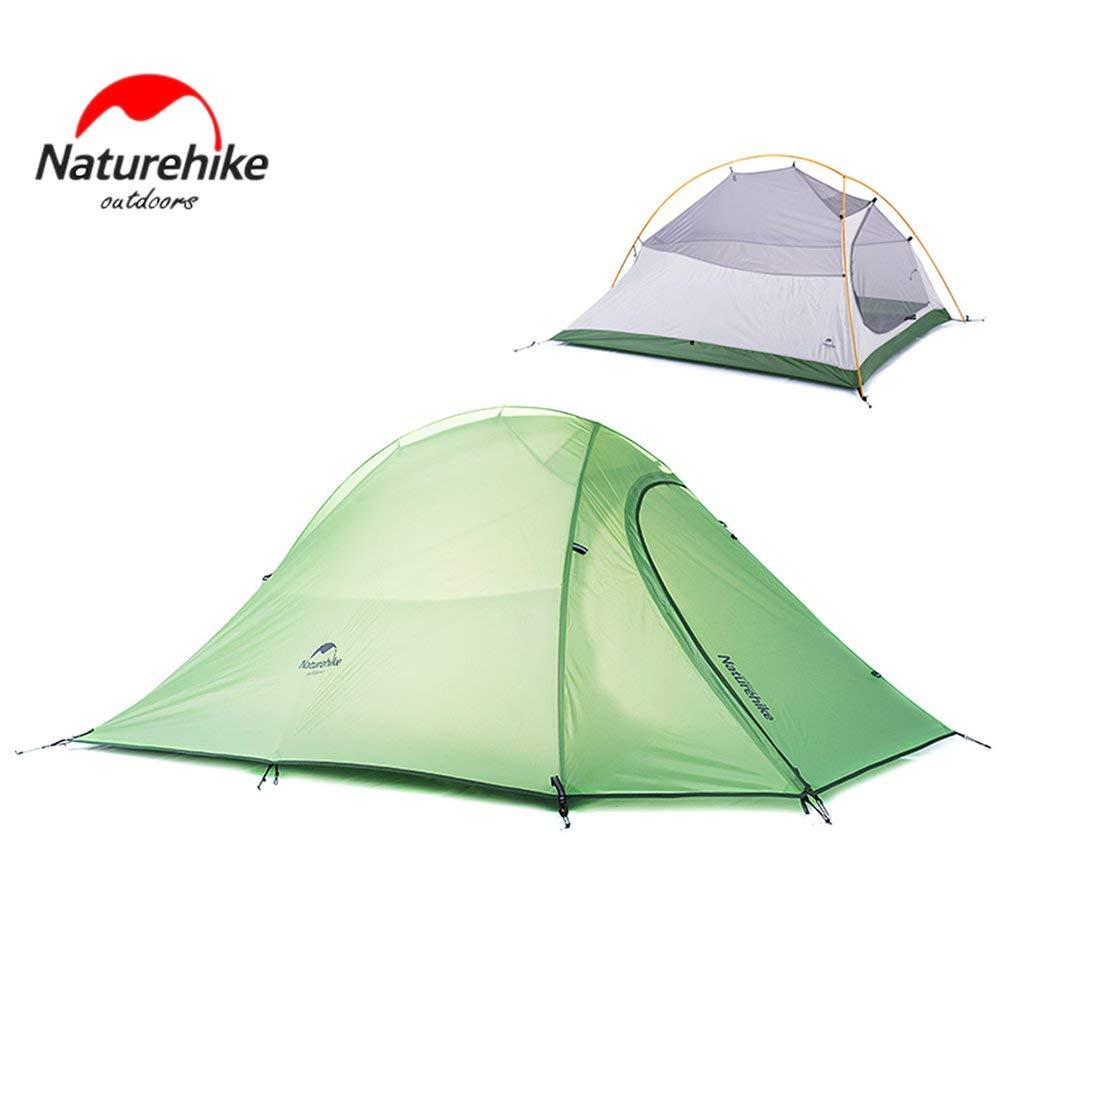 Sanzhileg Naturehike Doppeltes 20D Silicon überzogenes Vier Jahreszeiten Ultra helles kampierendes Zelt im Freien - Knospe Grün